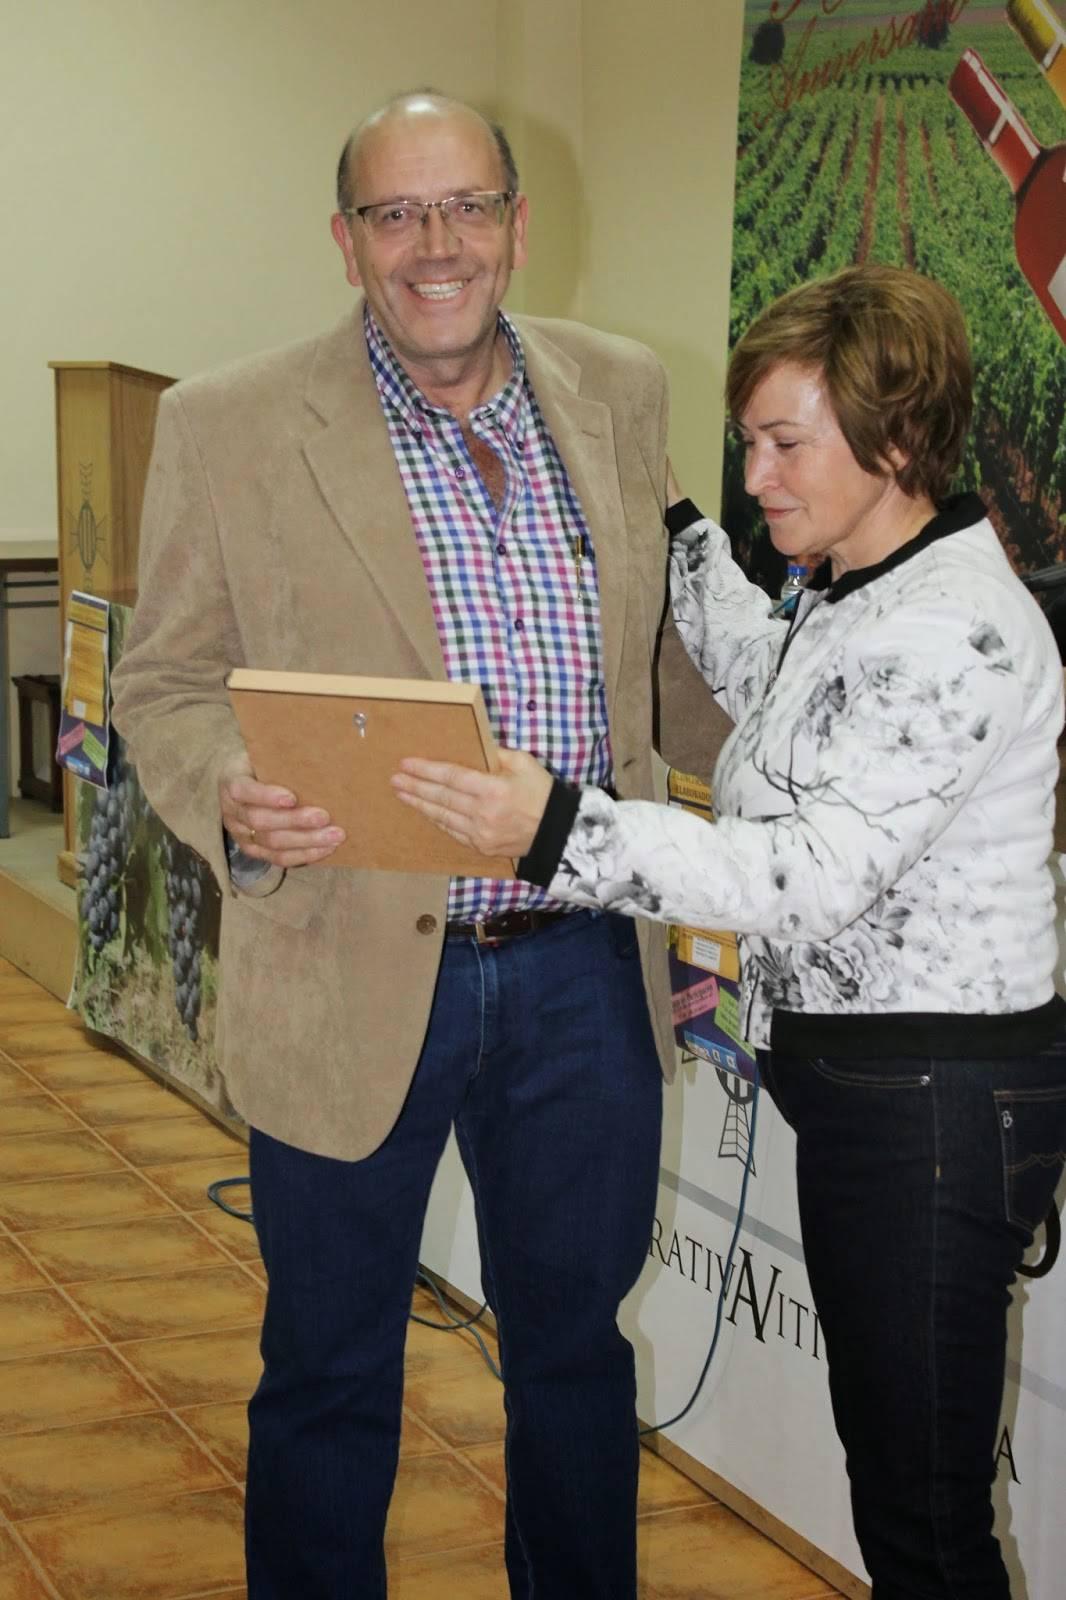 Alfonso %C3%81lvarez Ganador en la Categor%C3%ADa de Mistelas - Ganadores del segundo concurso de vinos tradicionales y derivados de Herencia